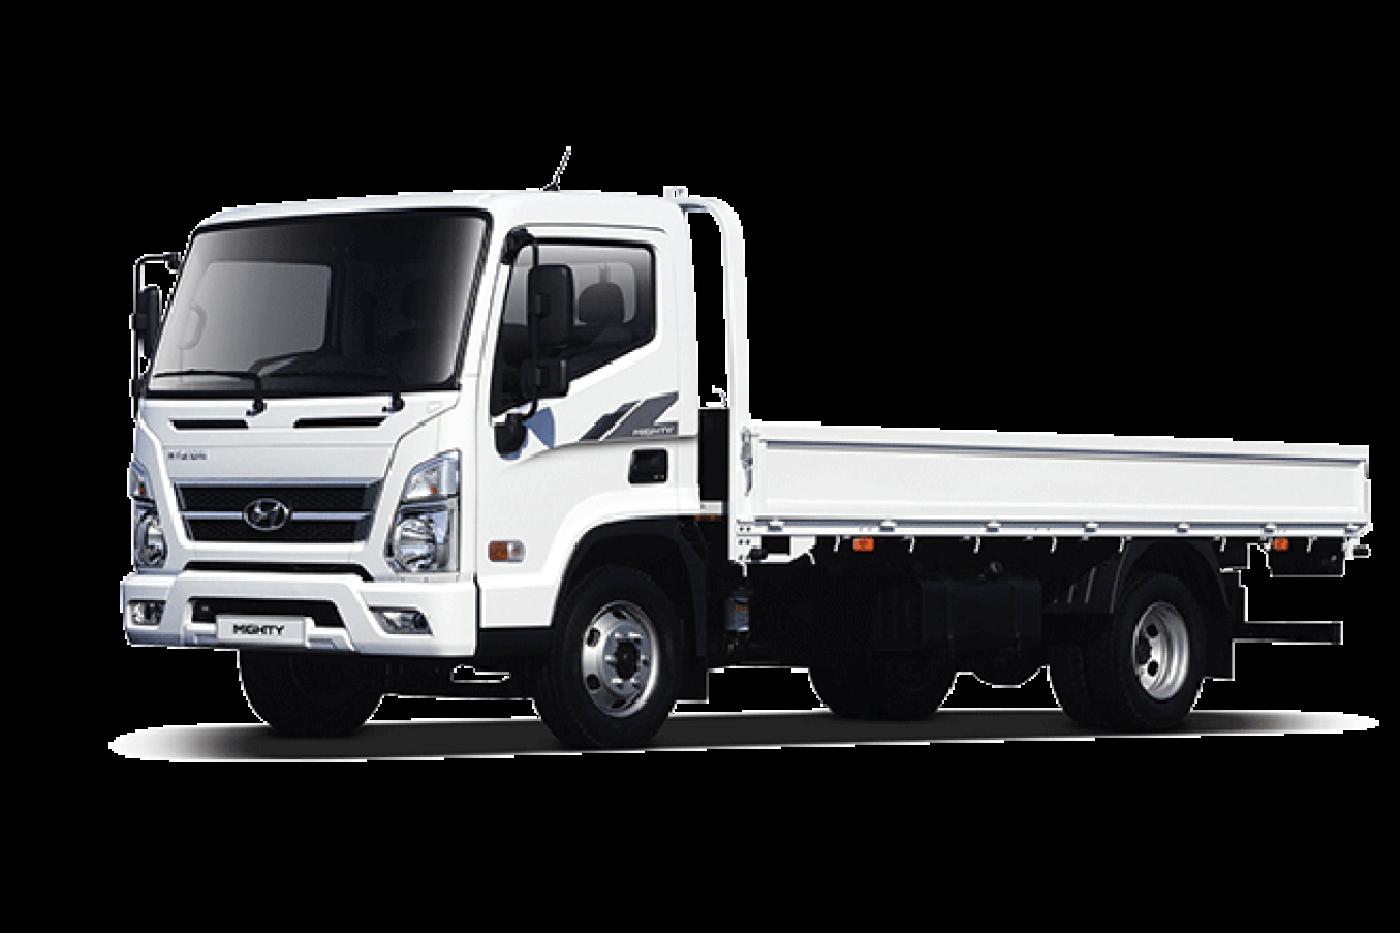 Xe tải cẩu Hyundai Mighty EX GT / 8 tấn